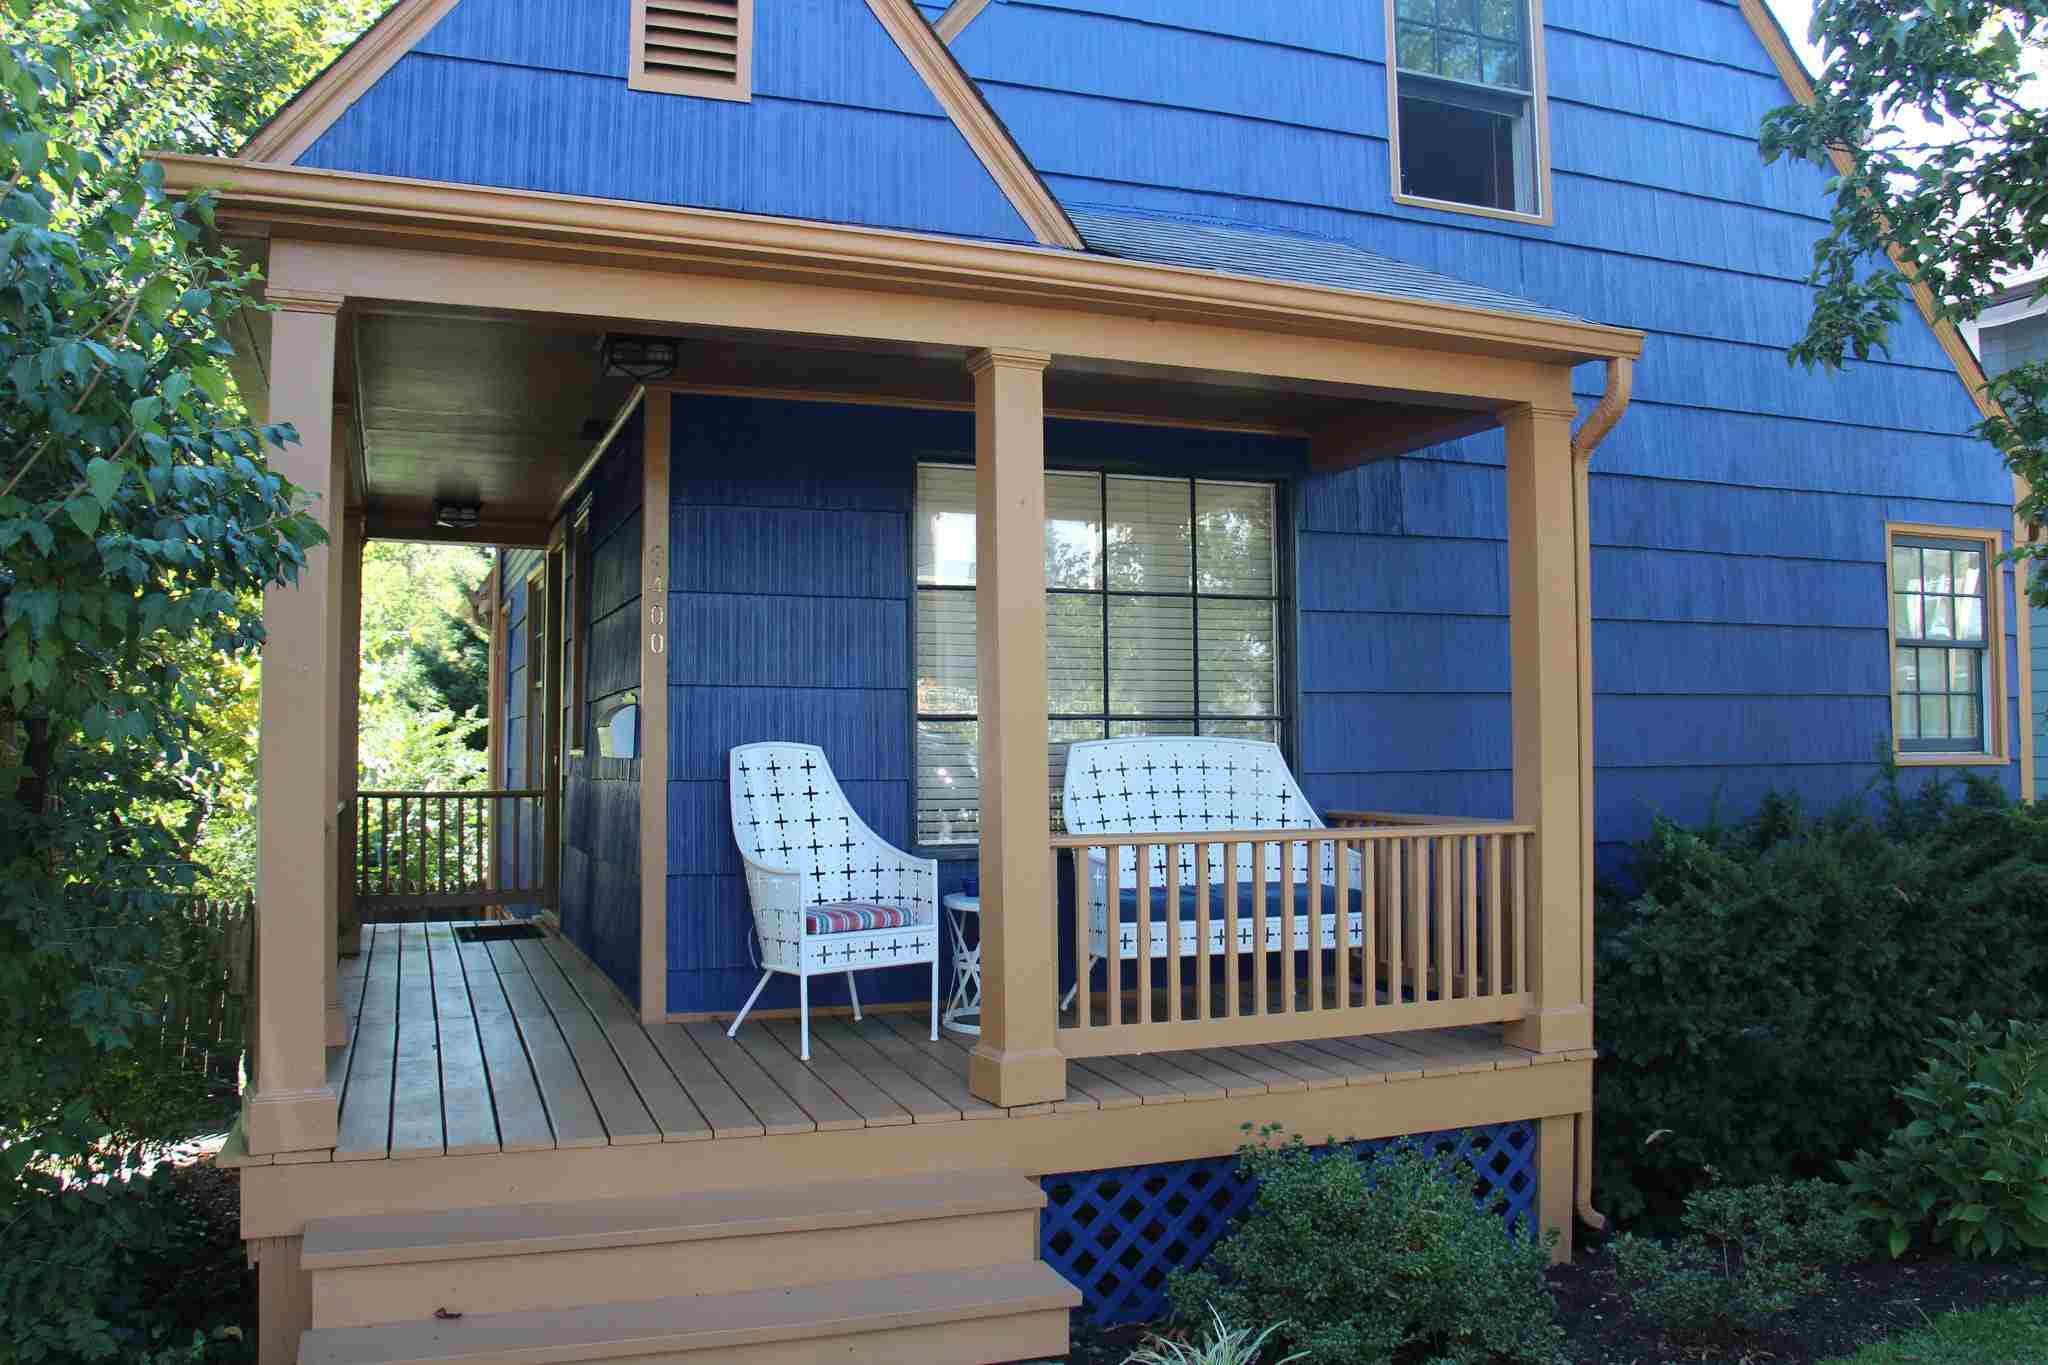 casa azul del porche antiguo